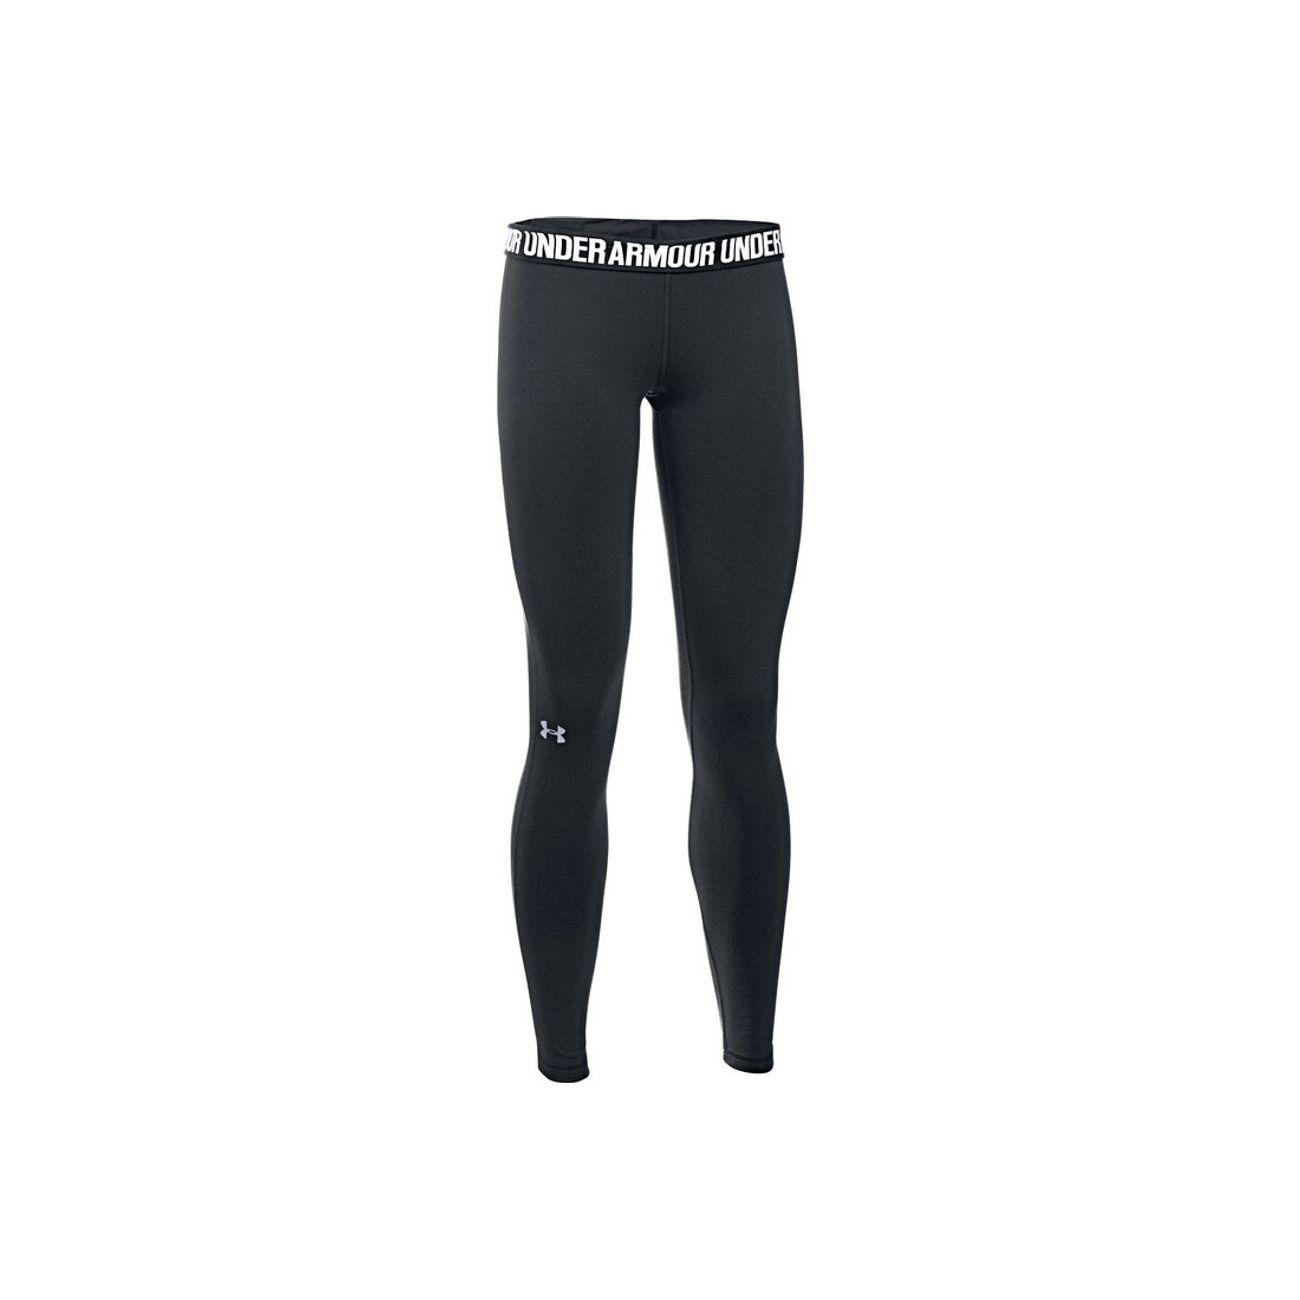 Femme Prix Achat – Noir Sport Legging Go Et Cher Pas TqBgrTpwP